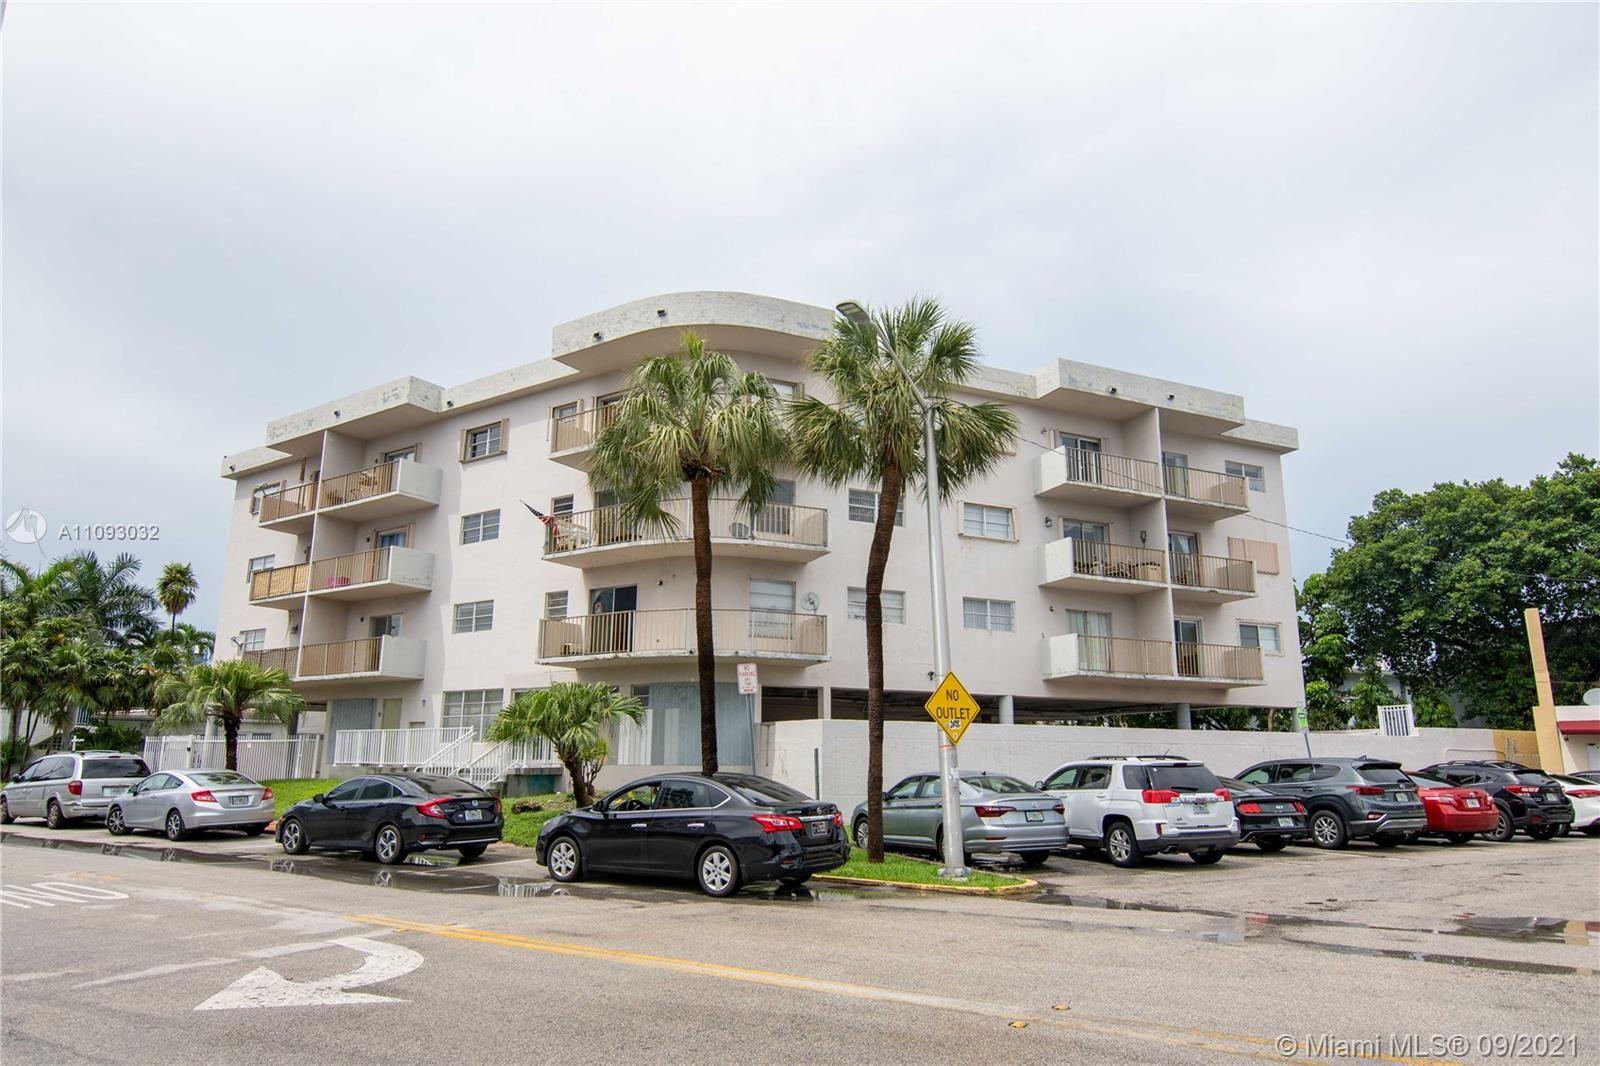 7125 Bonita Dr #401, Miami Beach, FL 33141 - #: A11093032